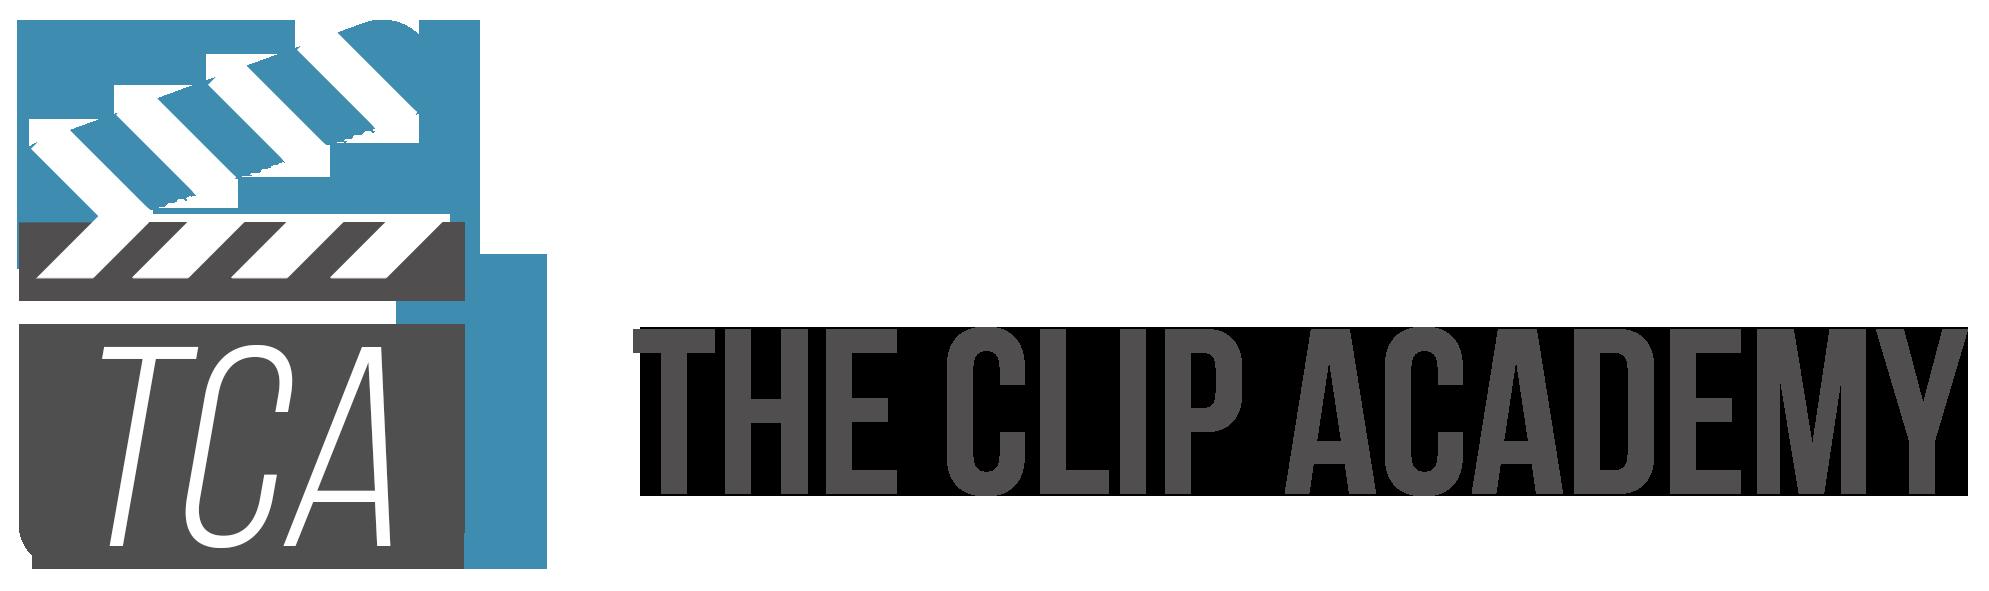 logo the clip academy